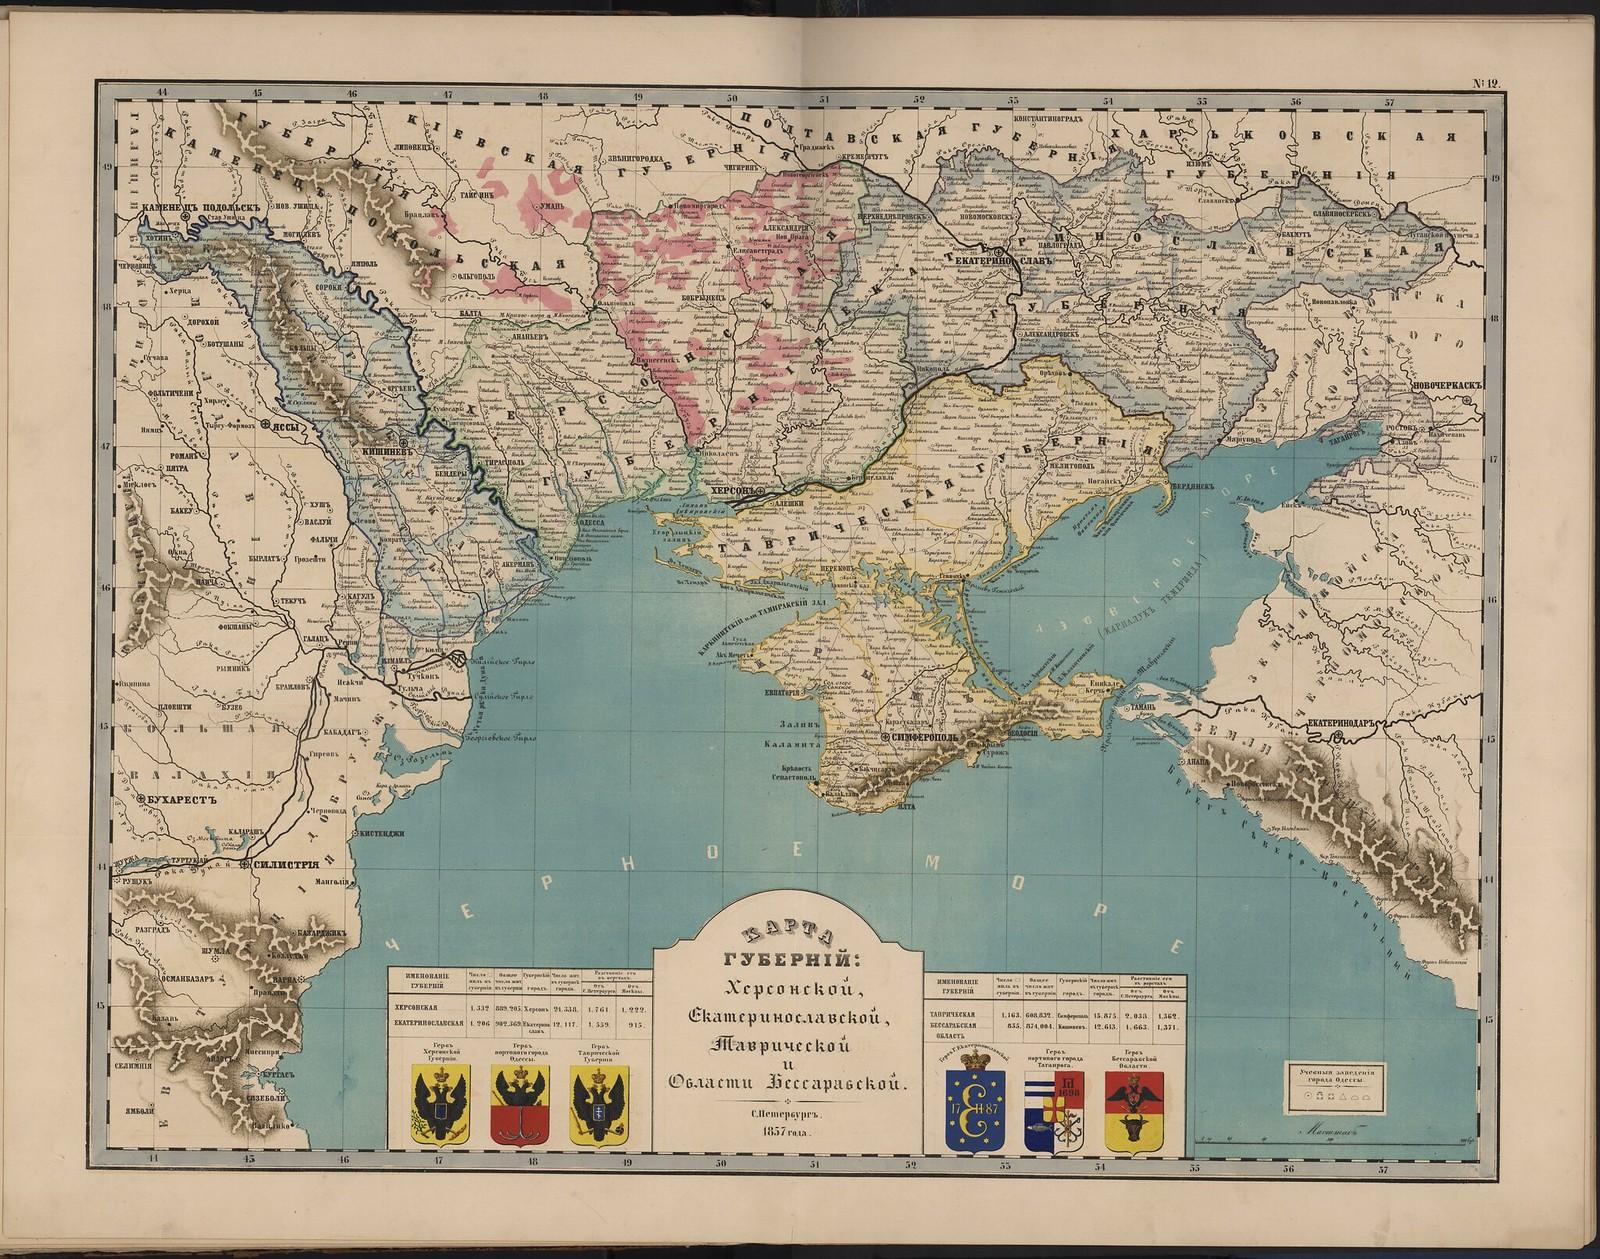 12. Карта губерний Херсонской, Екатеринславской, Таврической и Области Бессарабской.